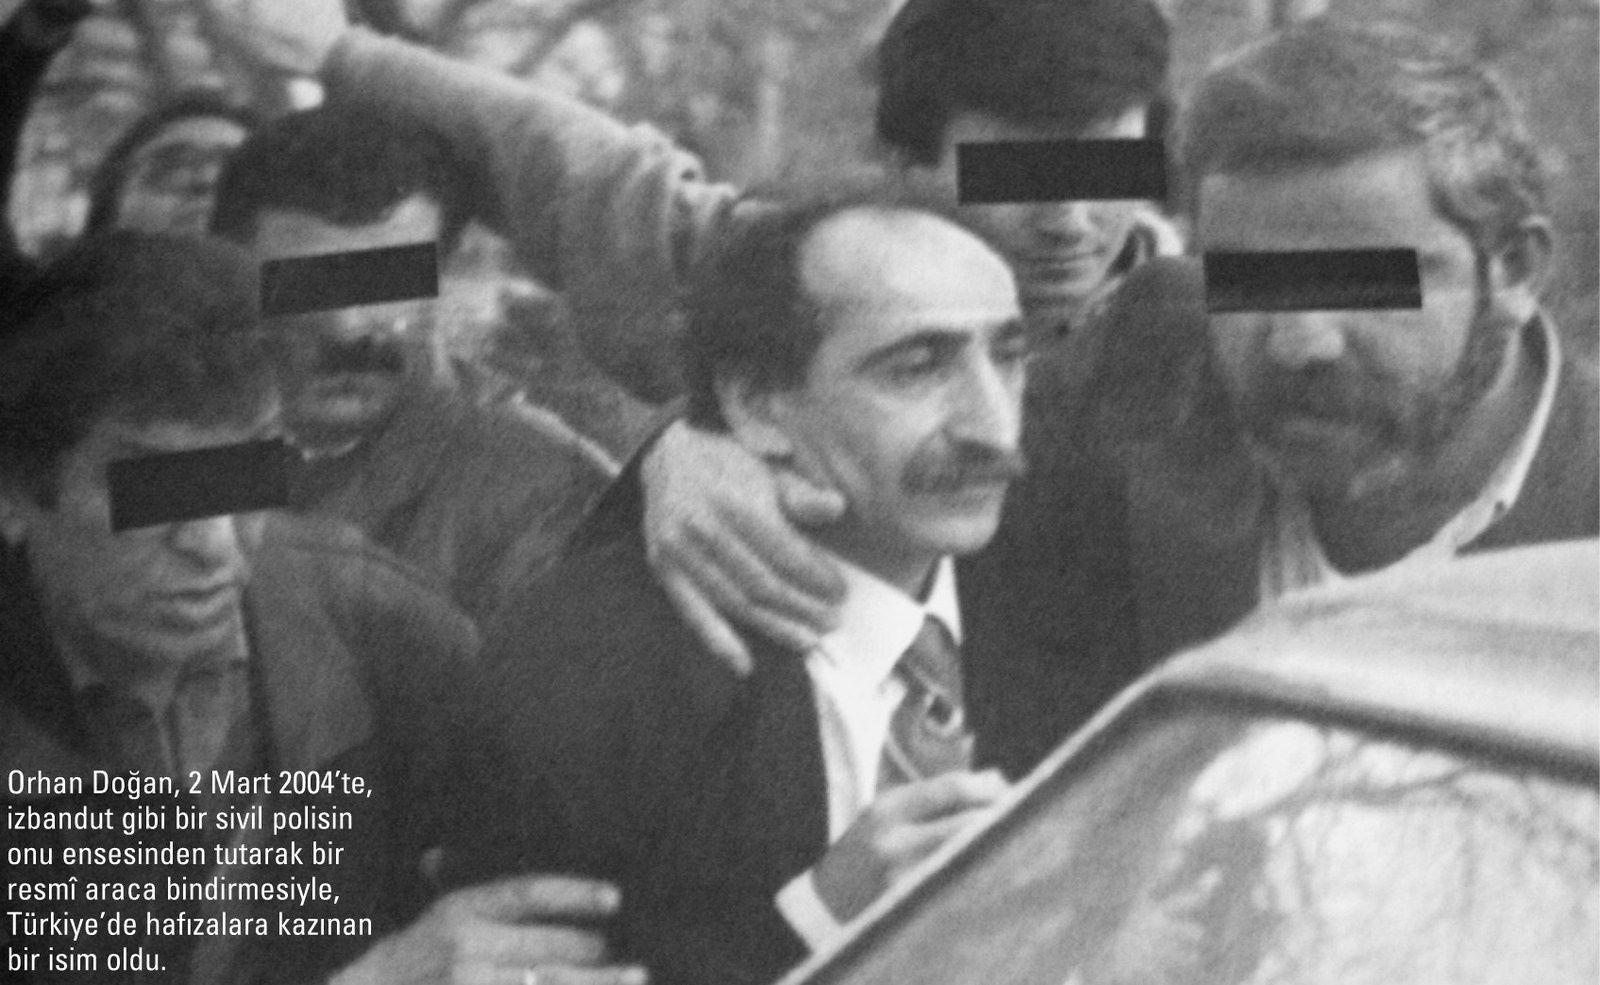 L'arrestation du député Orhan Dogan, mars 1994